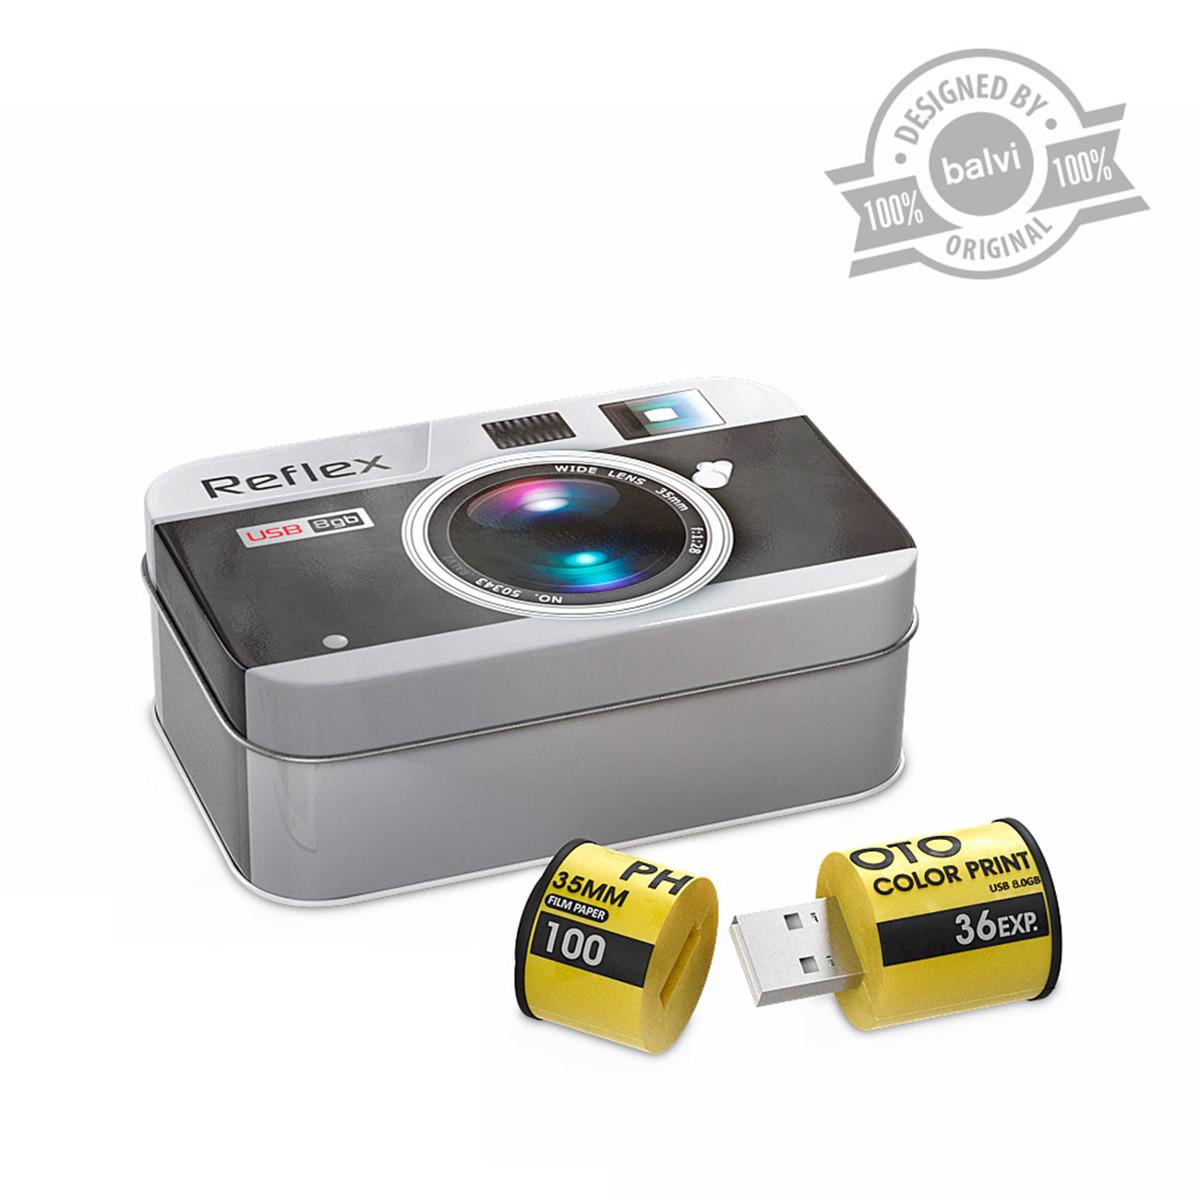 8GB USB Stick in Retro-Fotobox